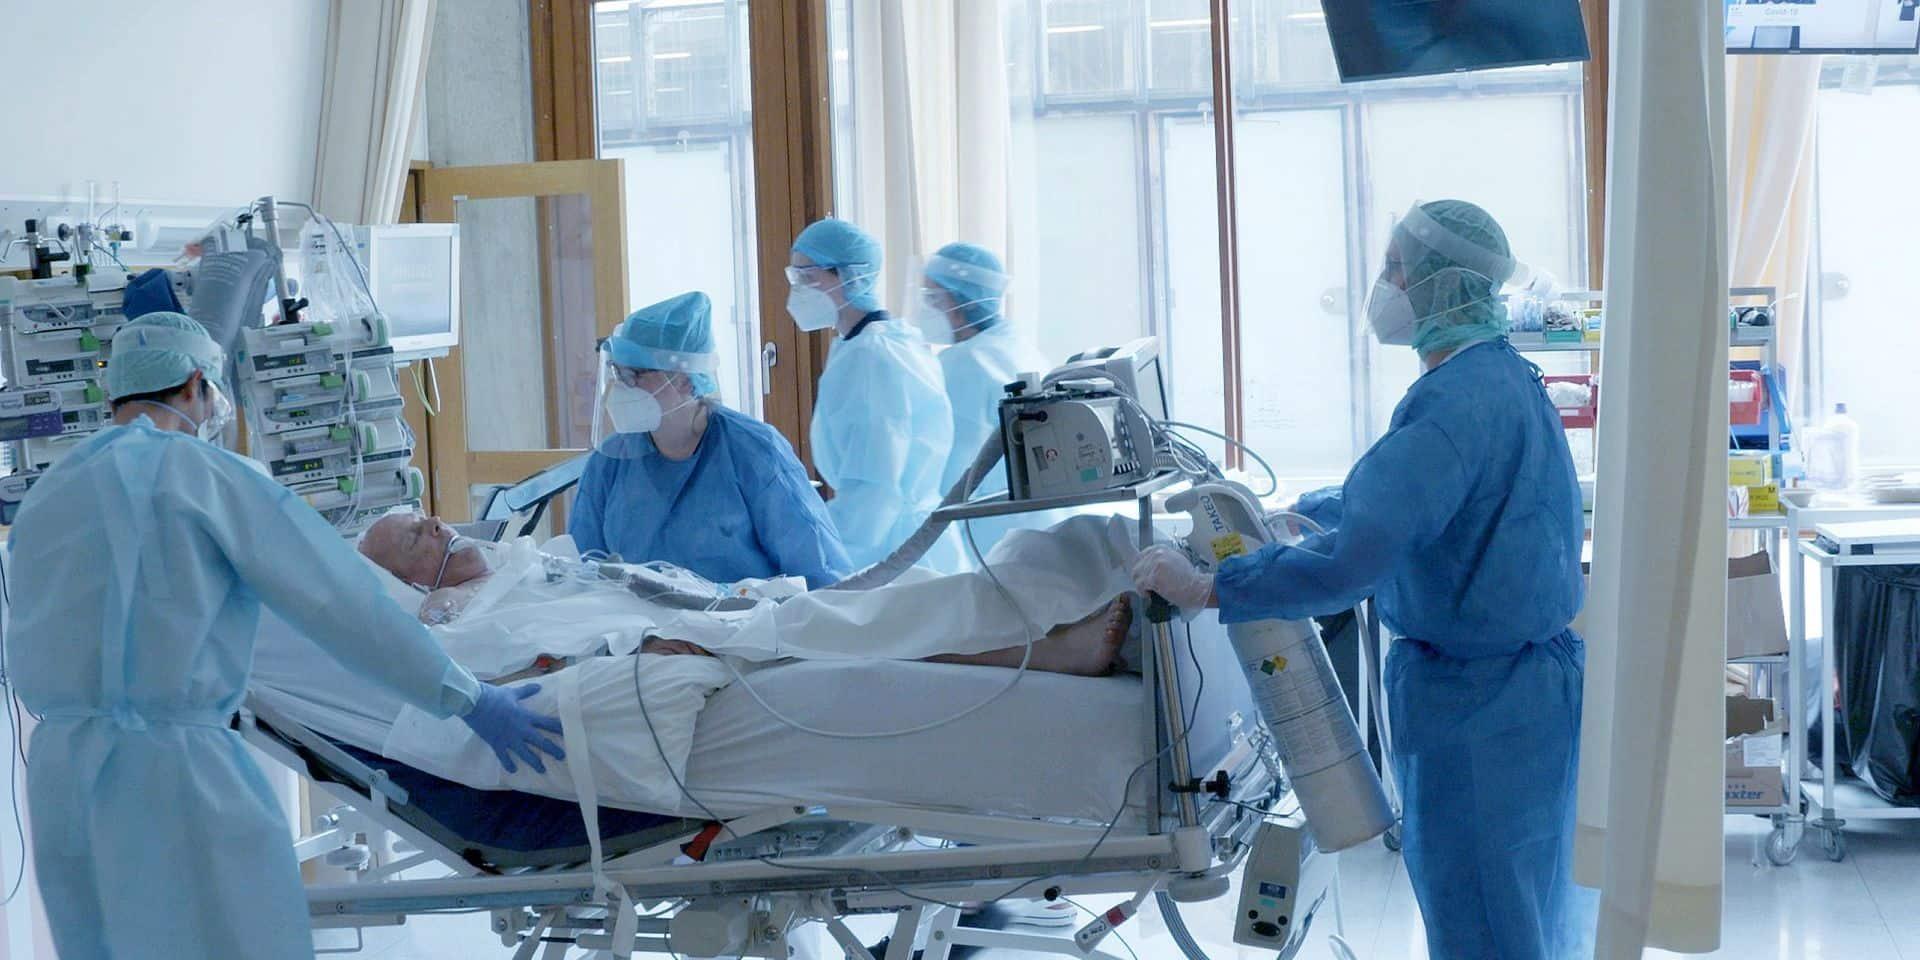 """""""En attendant la deuxième vague"""", le documentaire qui retrace ce moment où les soignants liégeois ont pris la première vague de face"""